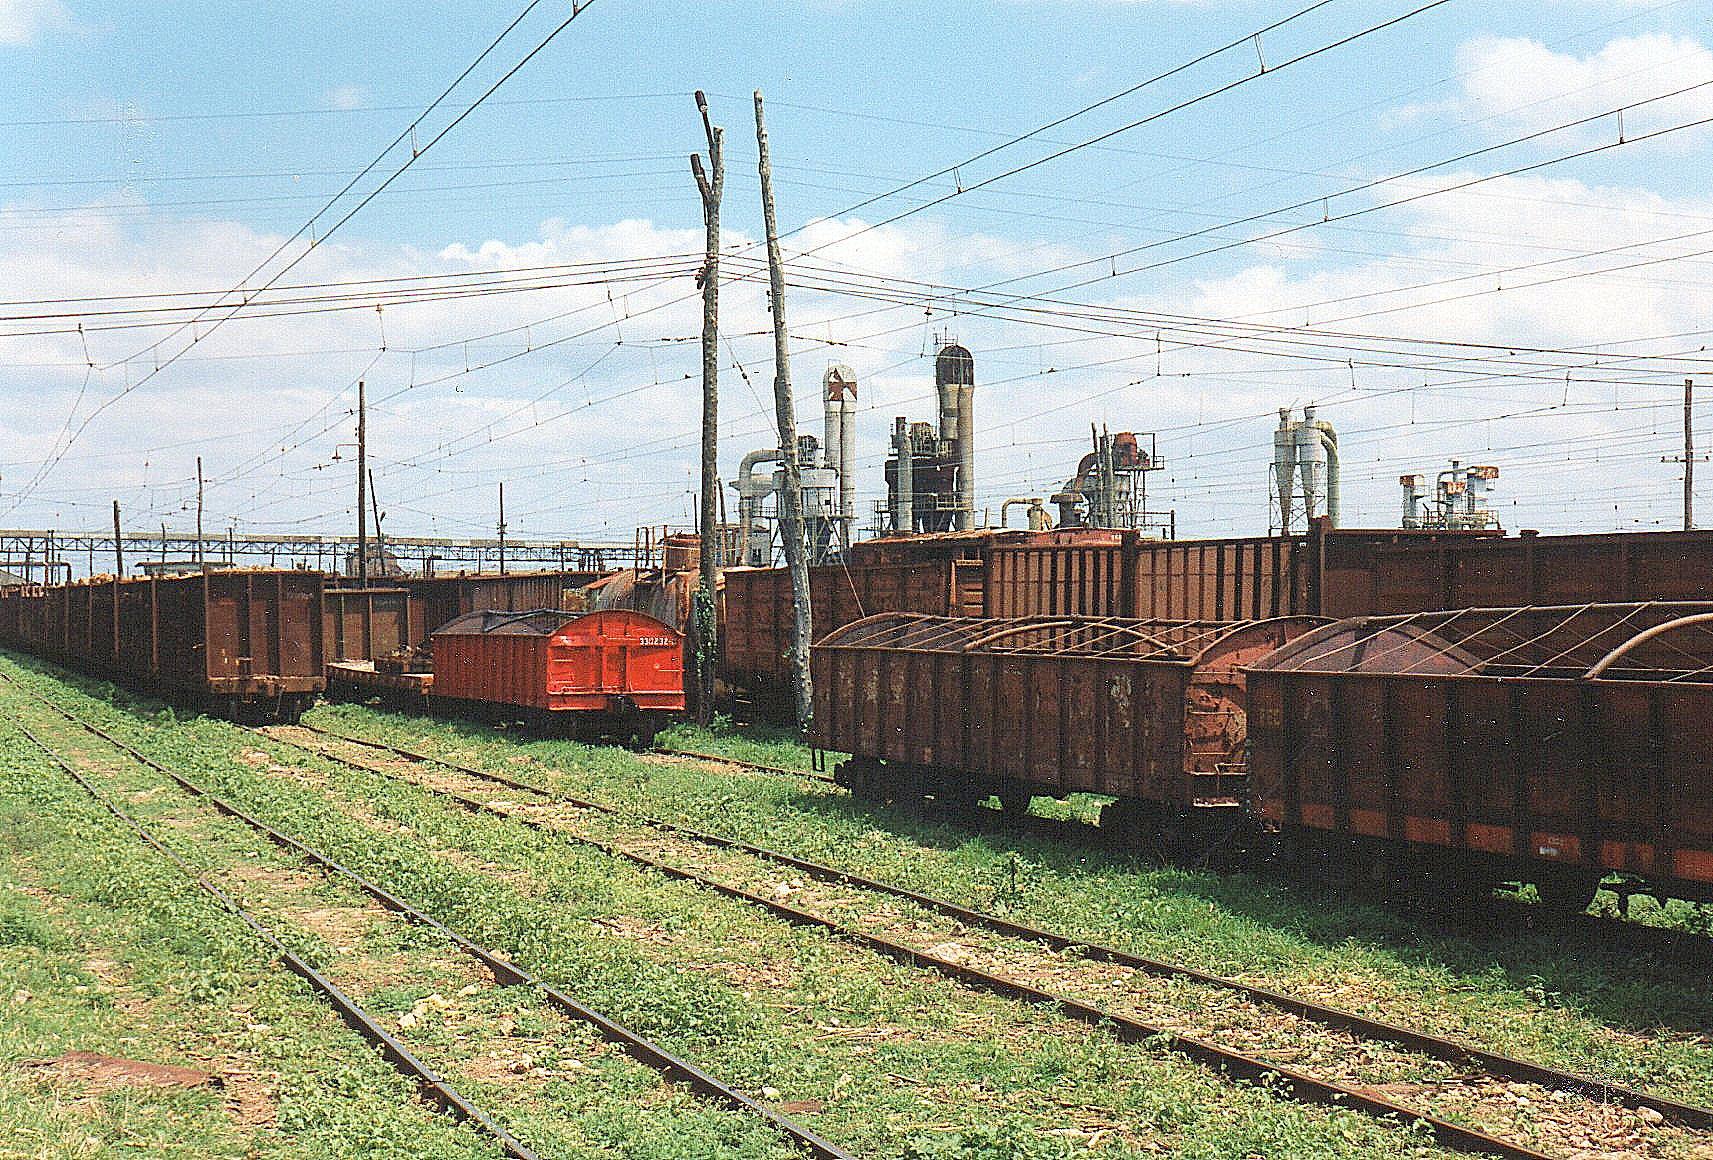 Mølle CAI 205 Camilo Cienfuegos og risten foran møllen med masser af vogne, både sukkerrørsvogne og almindelige godsvogne.